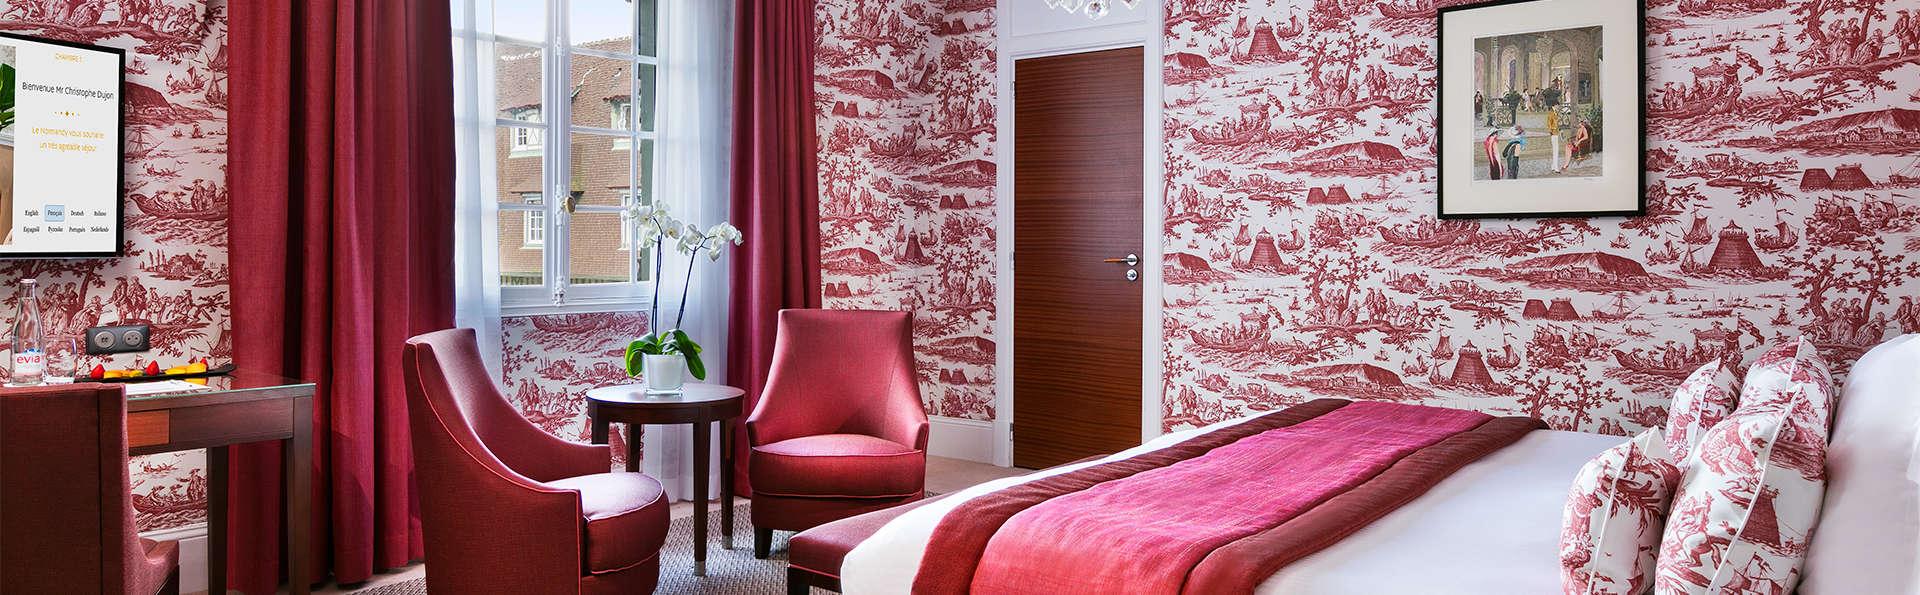 Hôtel Barrière Le Normandy Deauville - EDIT_Room5.jpg